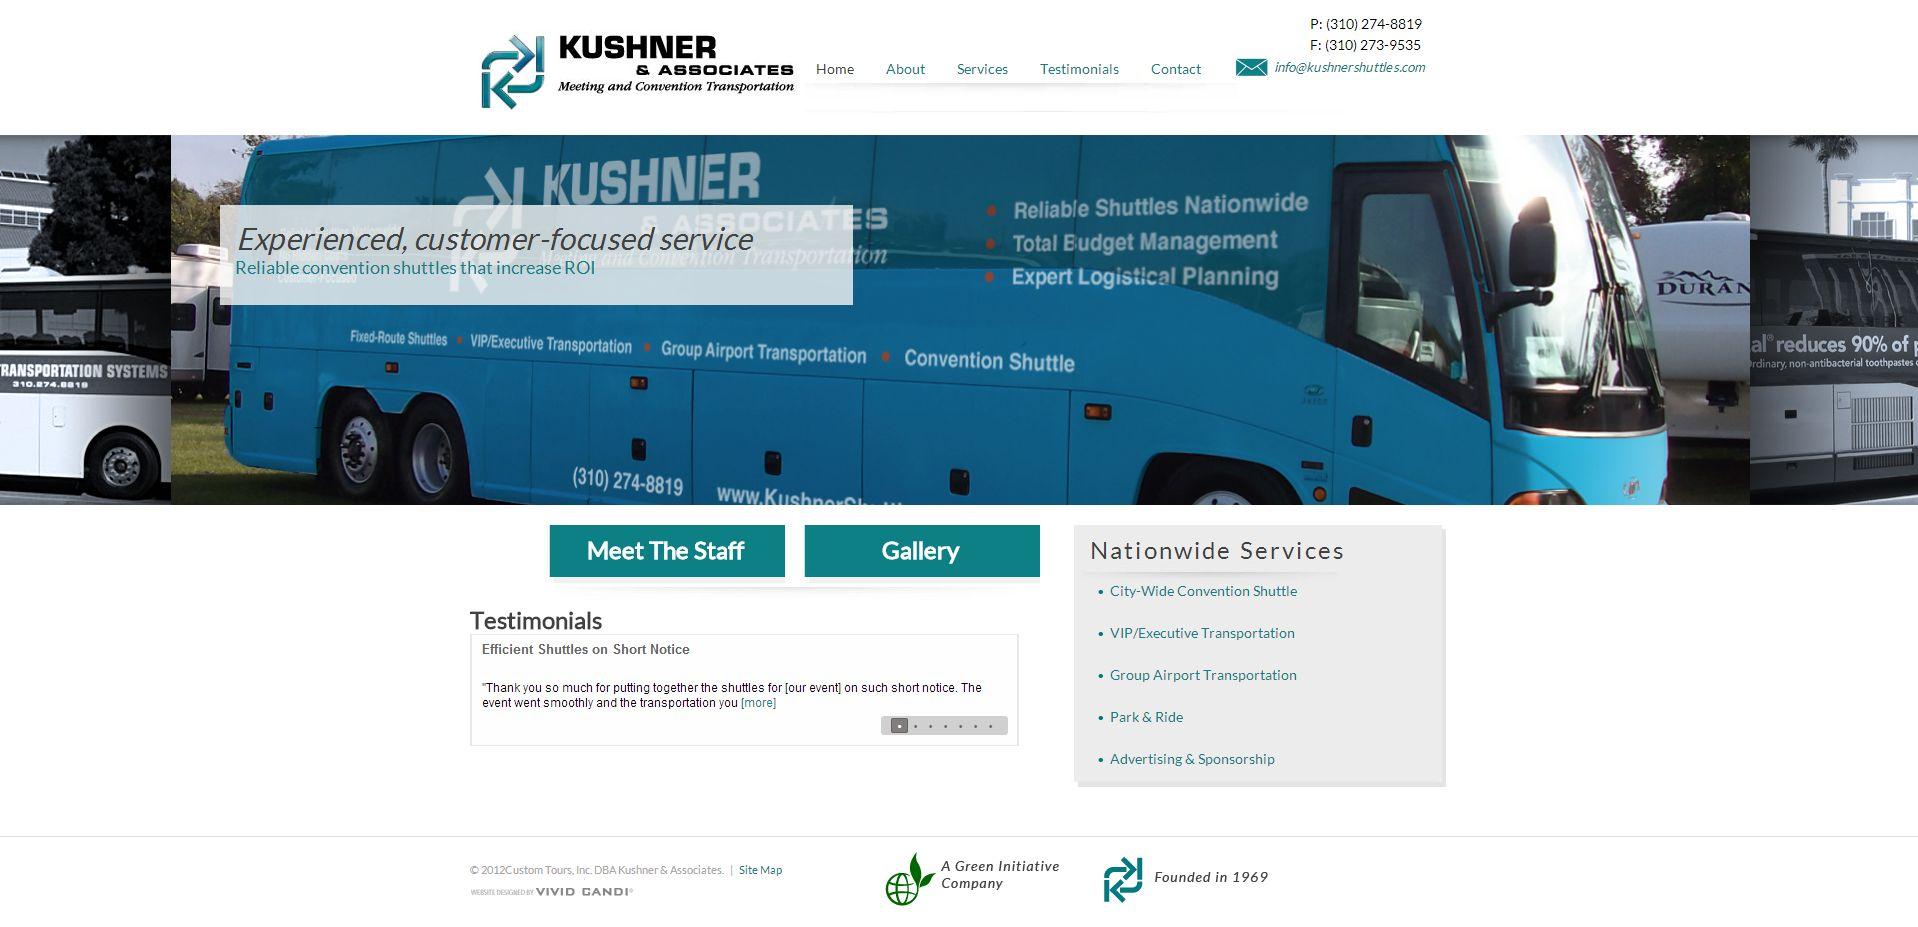 kushner shuttles website